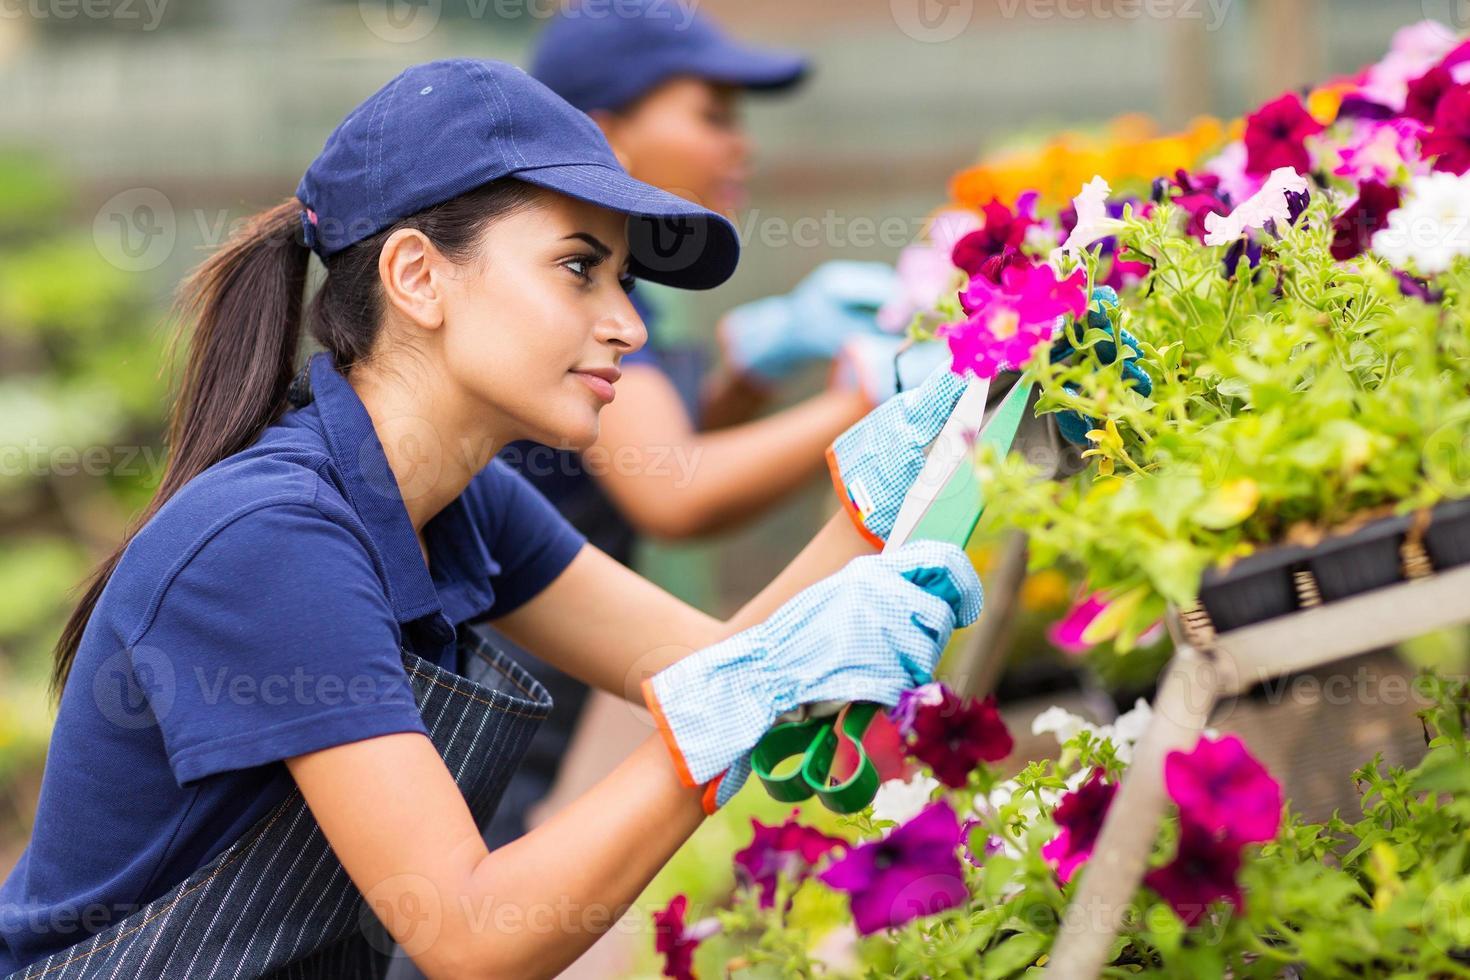 kvinnliga blomsterhandlare som beskär blommor foto